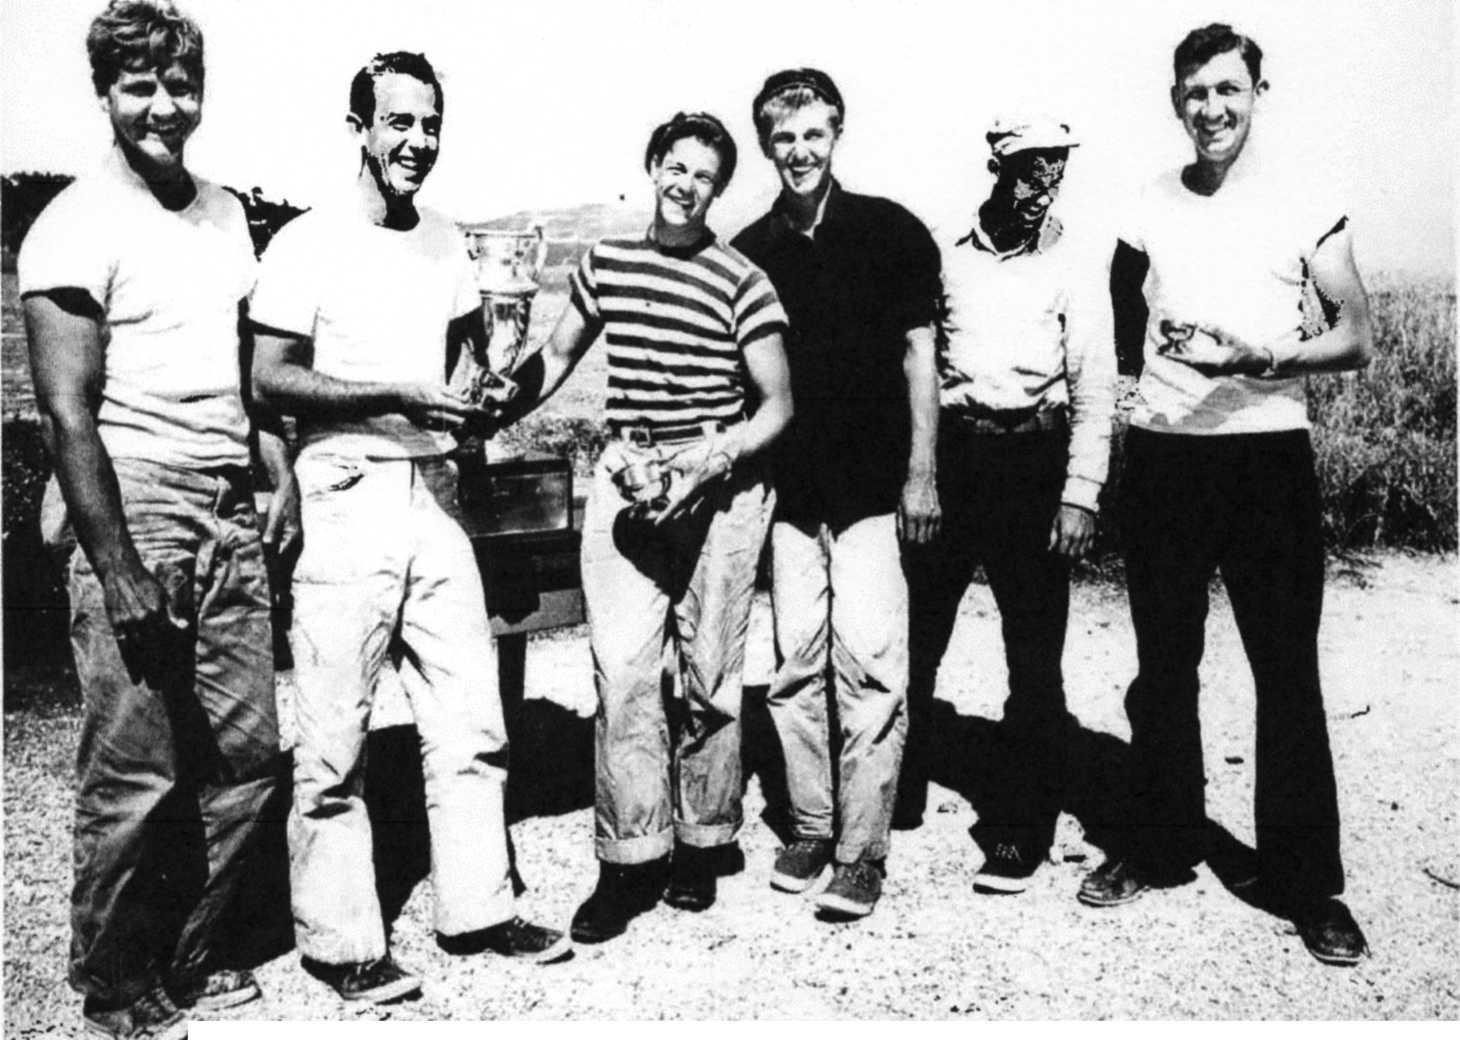 Bill Whitaker, John Hooper (founder), Henry Mettier, Henry Easom, Rob Hobart, Jim Enzensperger (founder) in late 1940s.      Photo courtesy of Sausalito Yacht Club